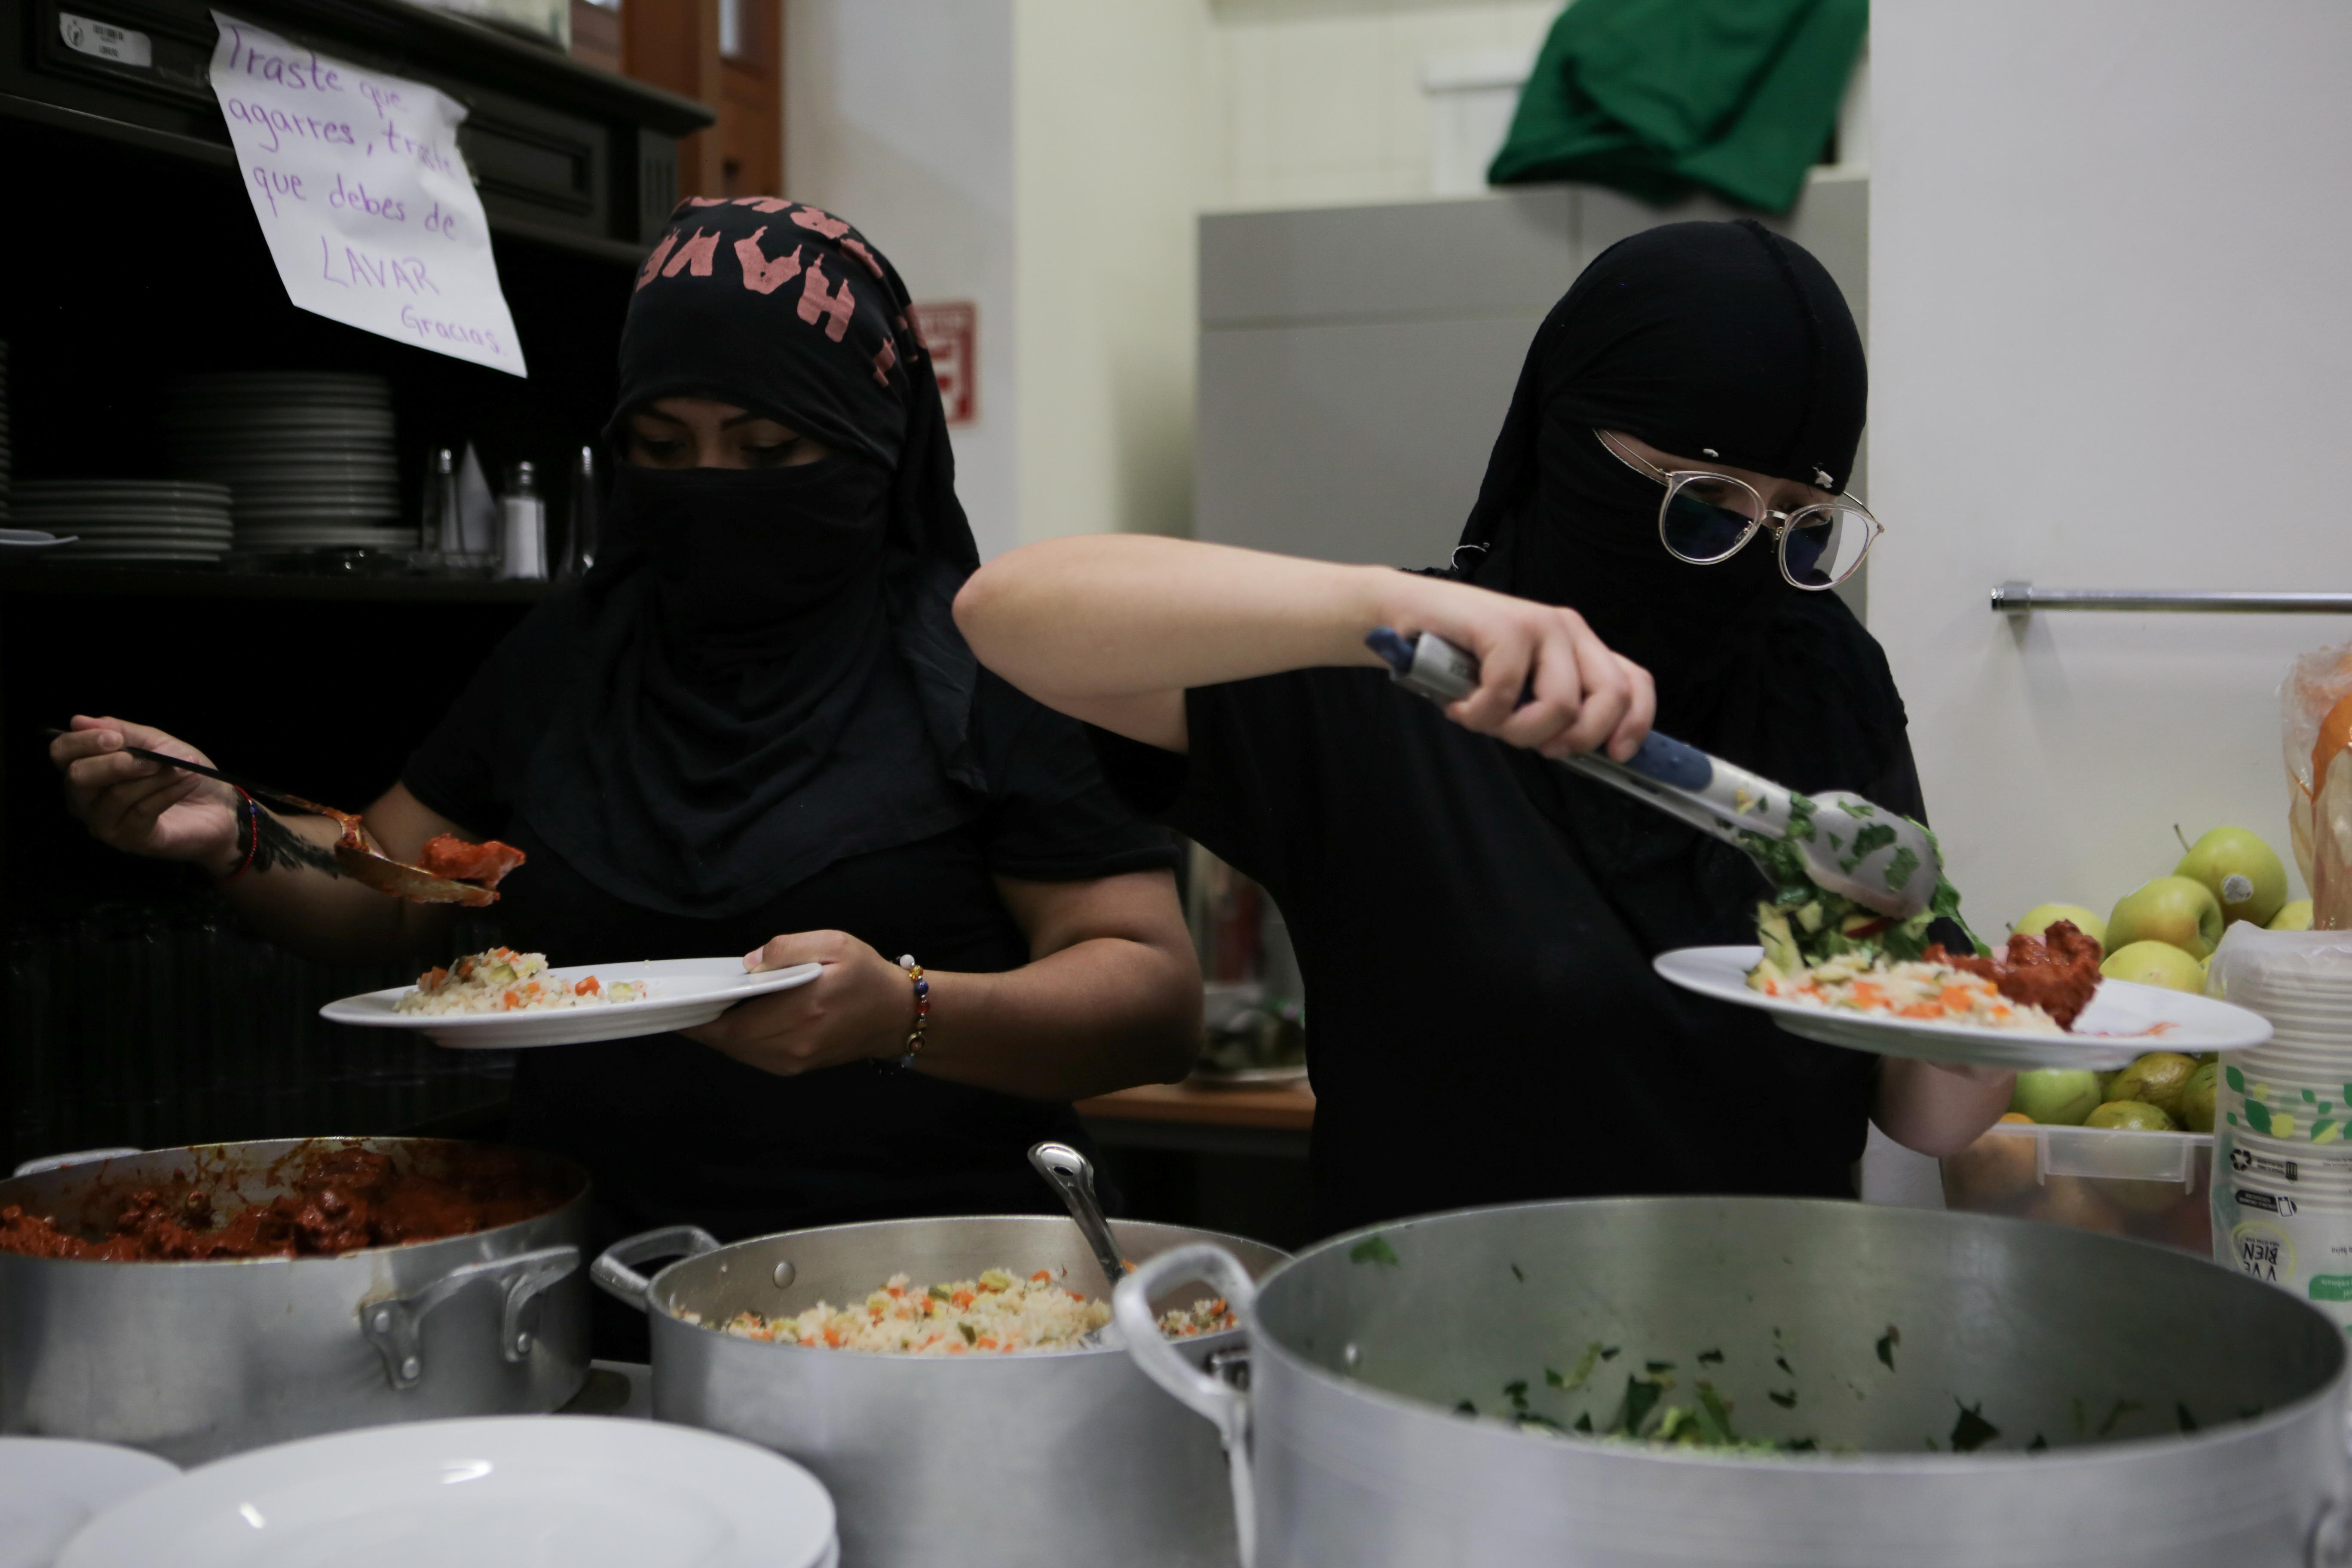 Integrantes de un colectivo feminista sirven comida durante la hora del almuerzo mientras se apoderan de las instalaciones del edificio de la Comisión Nacional de Derechos Humanos, en apoyo a las víctimas de violencia de género, en la Ciudad de México, México, 10 de septiembre de 2020. Fotografía tomada el 10 de septiembre de 2020.